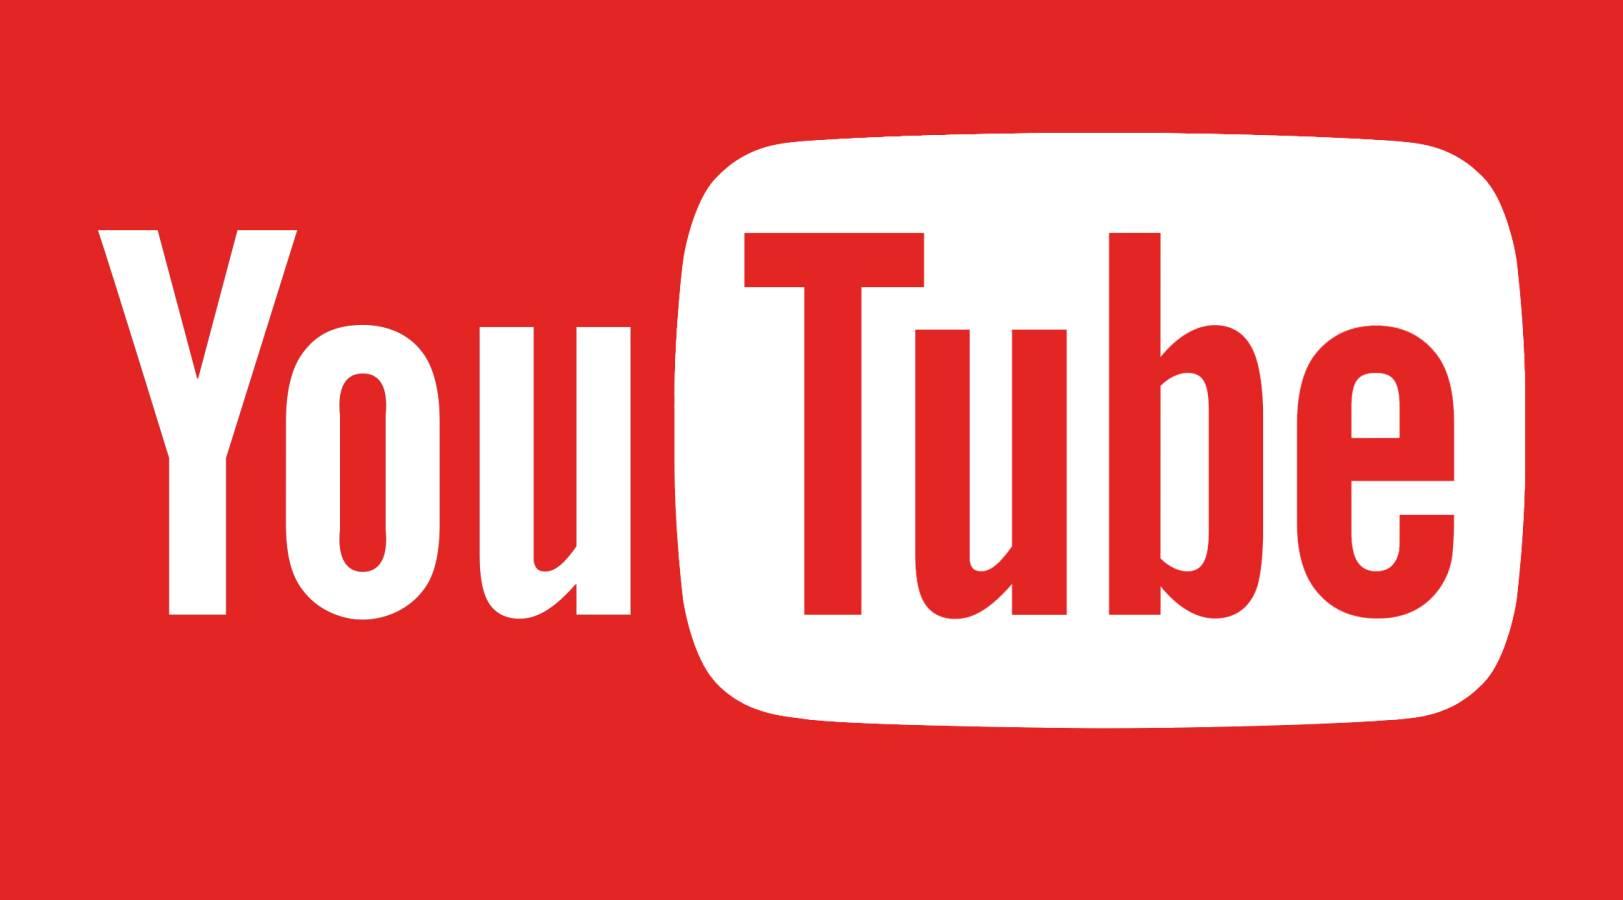 YouTube calitate video coronavirus